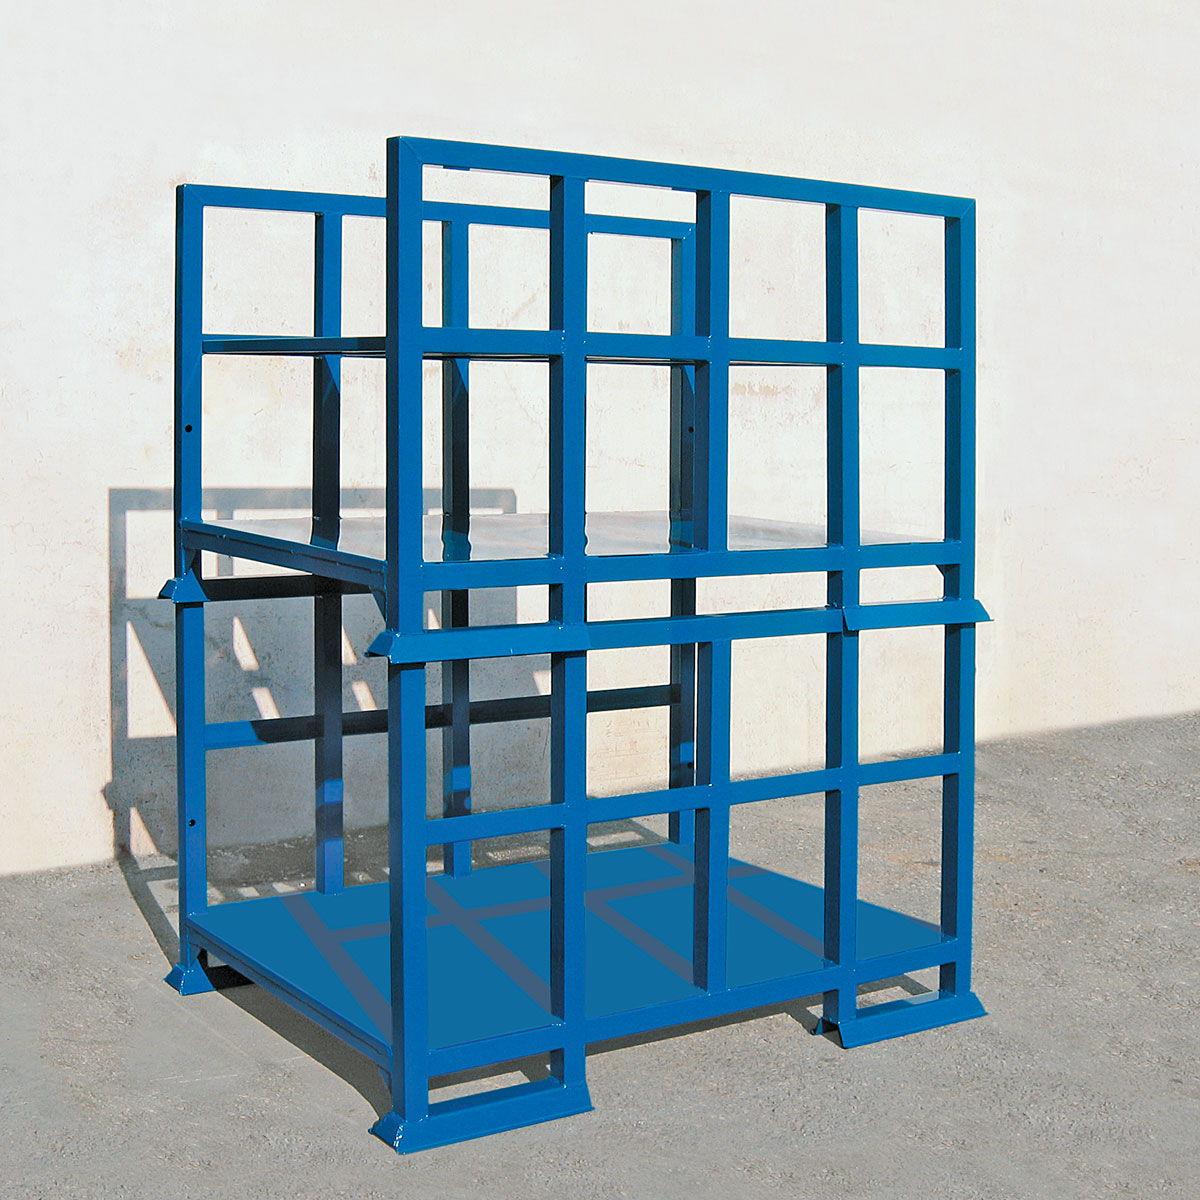 Palet met lico apilable con estantes desmontables - Estanterias modulares metalicas ...